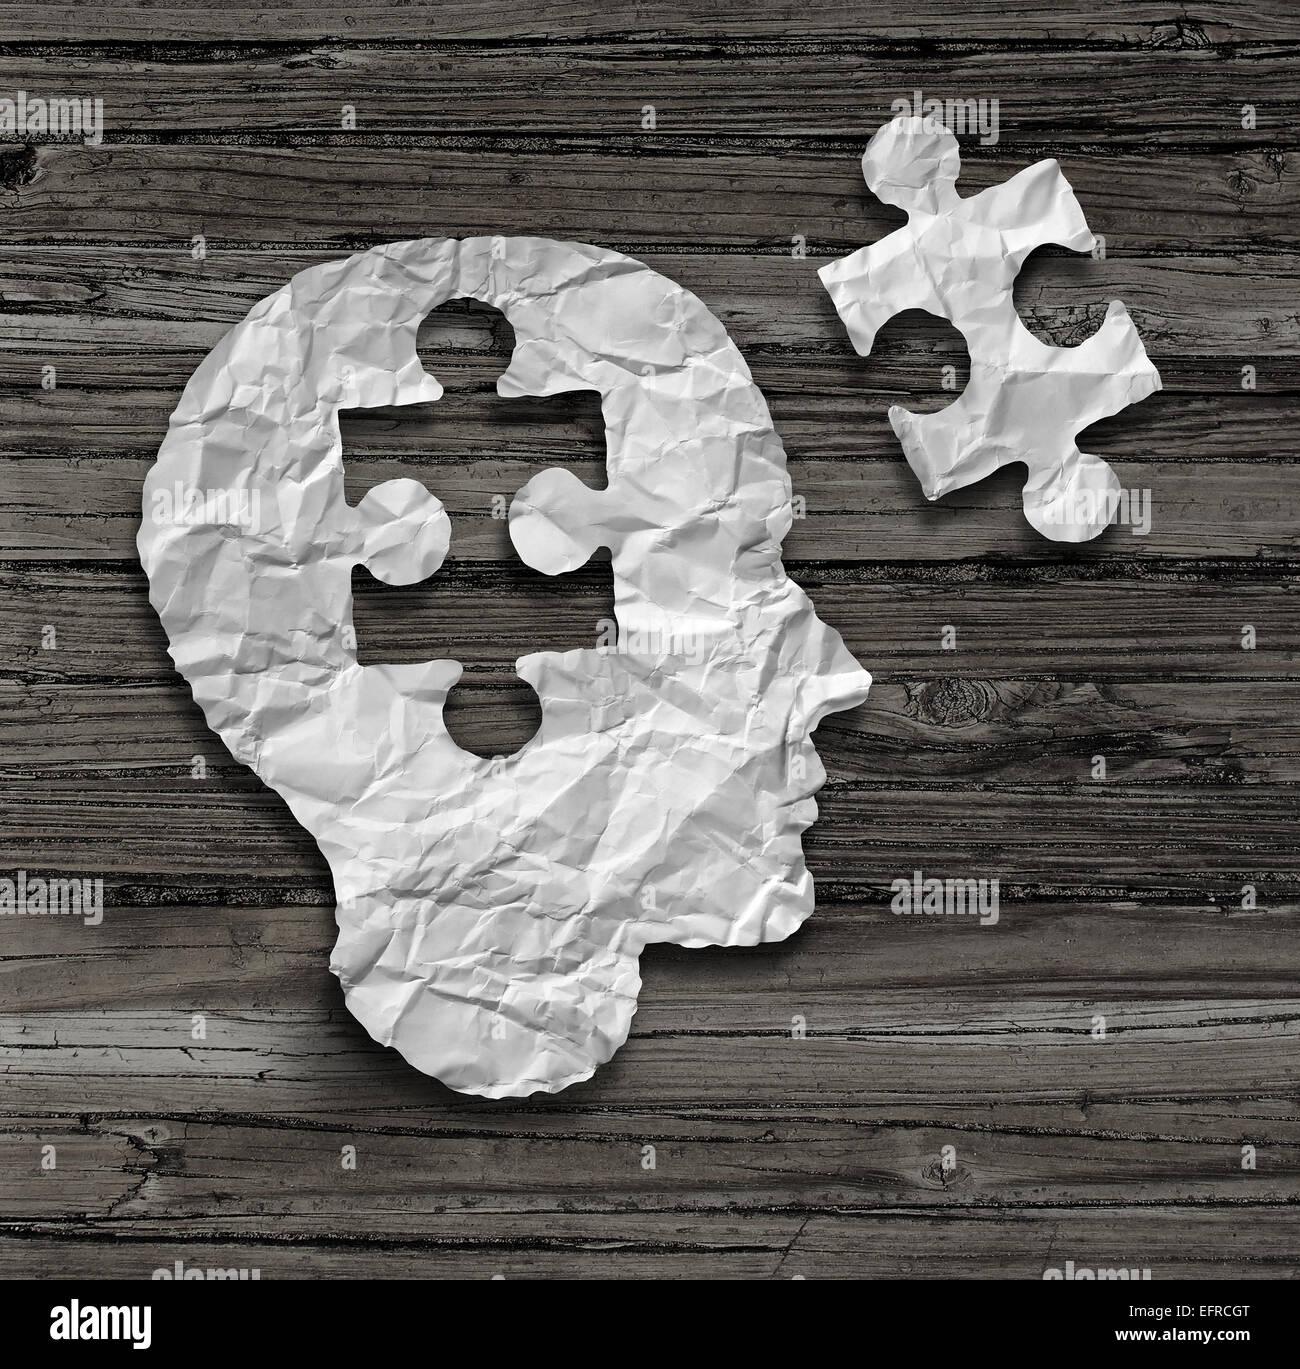 Cabeza de puzzles cerebro concepto como un rostro humano de perfil arrugado hechas de papel blanco con una pieza Imagen De Stock